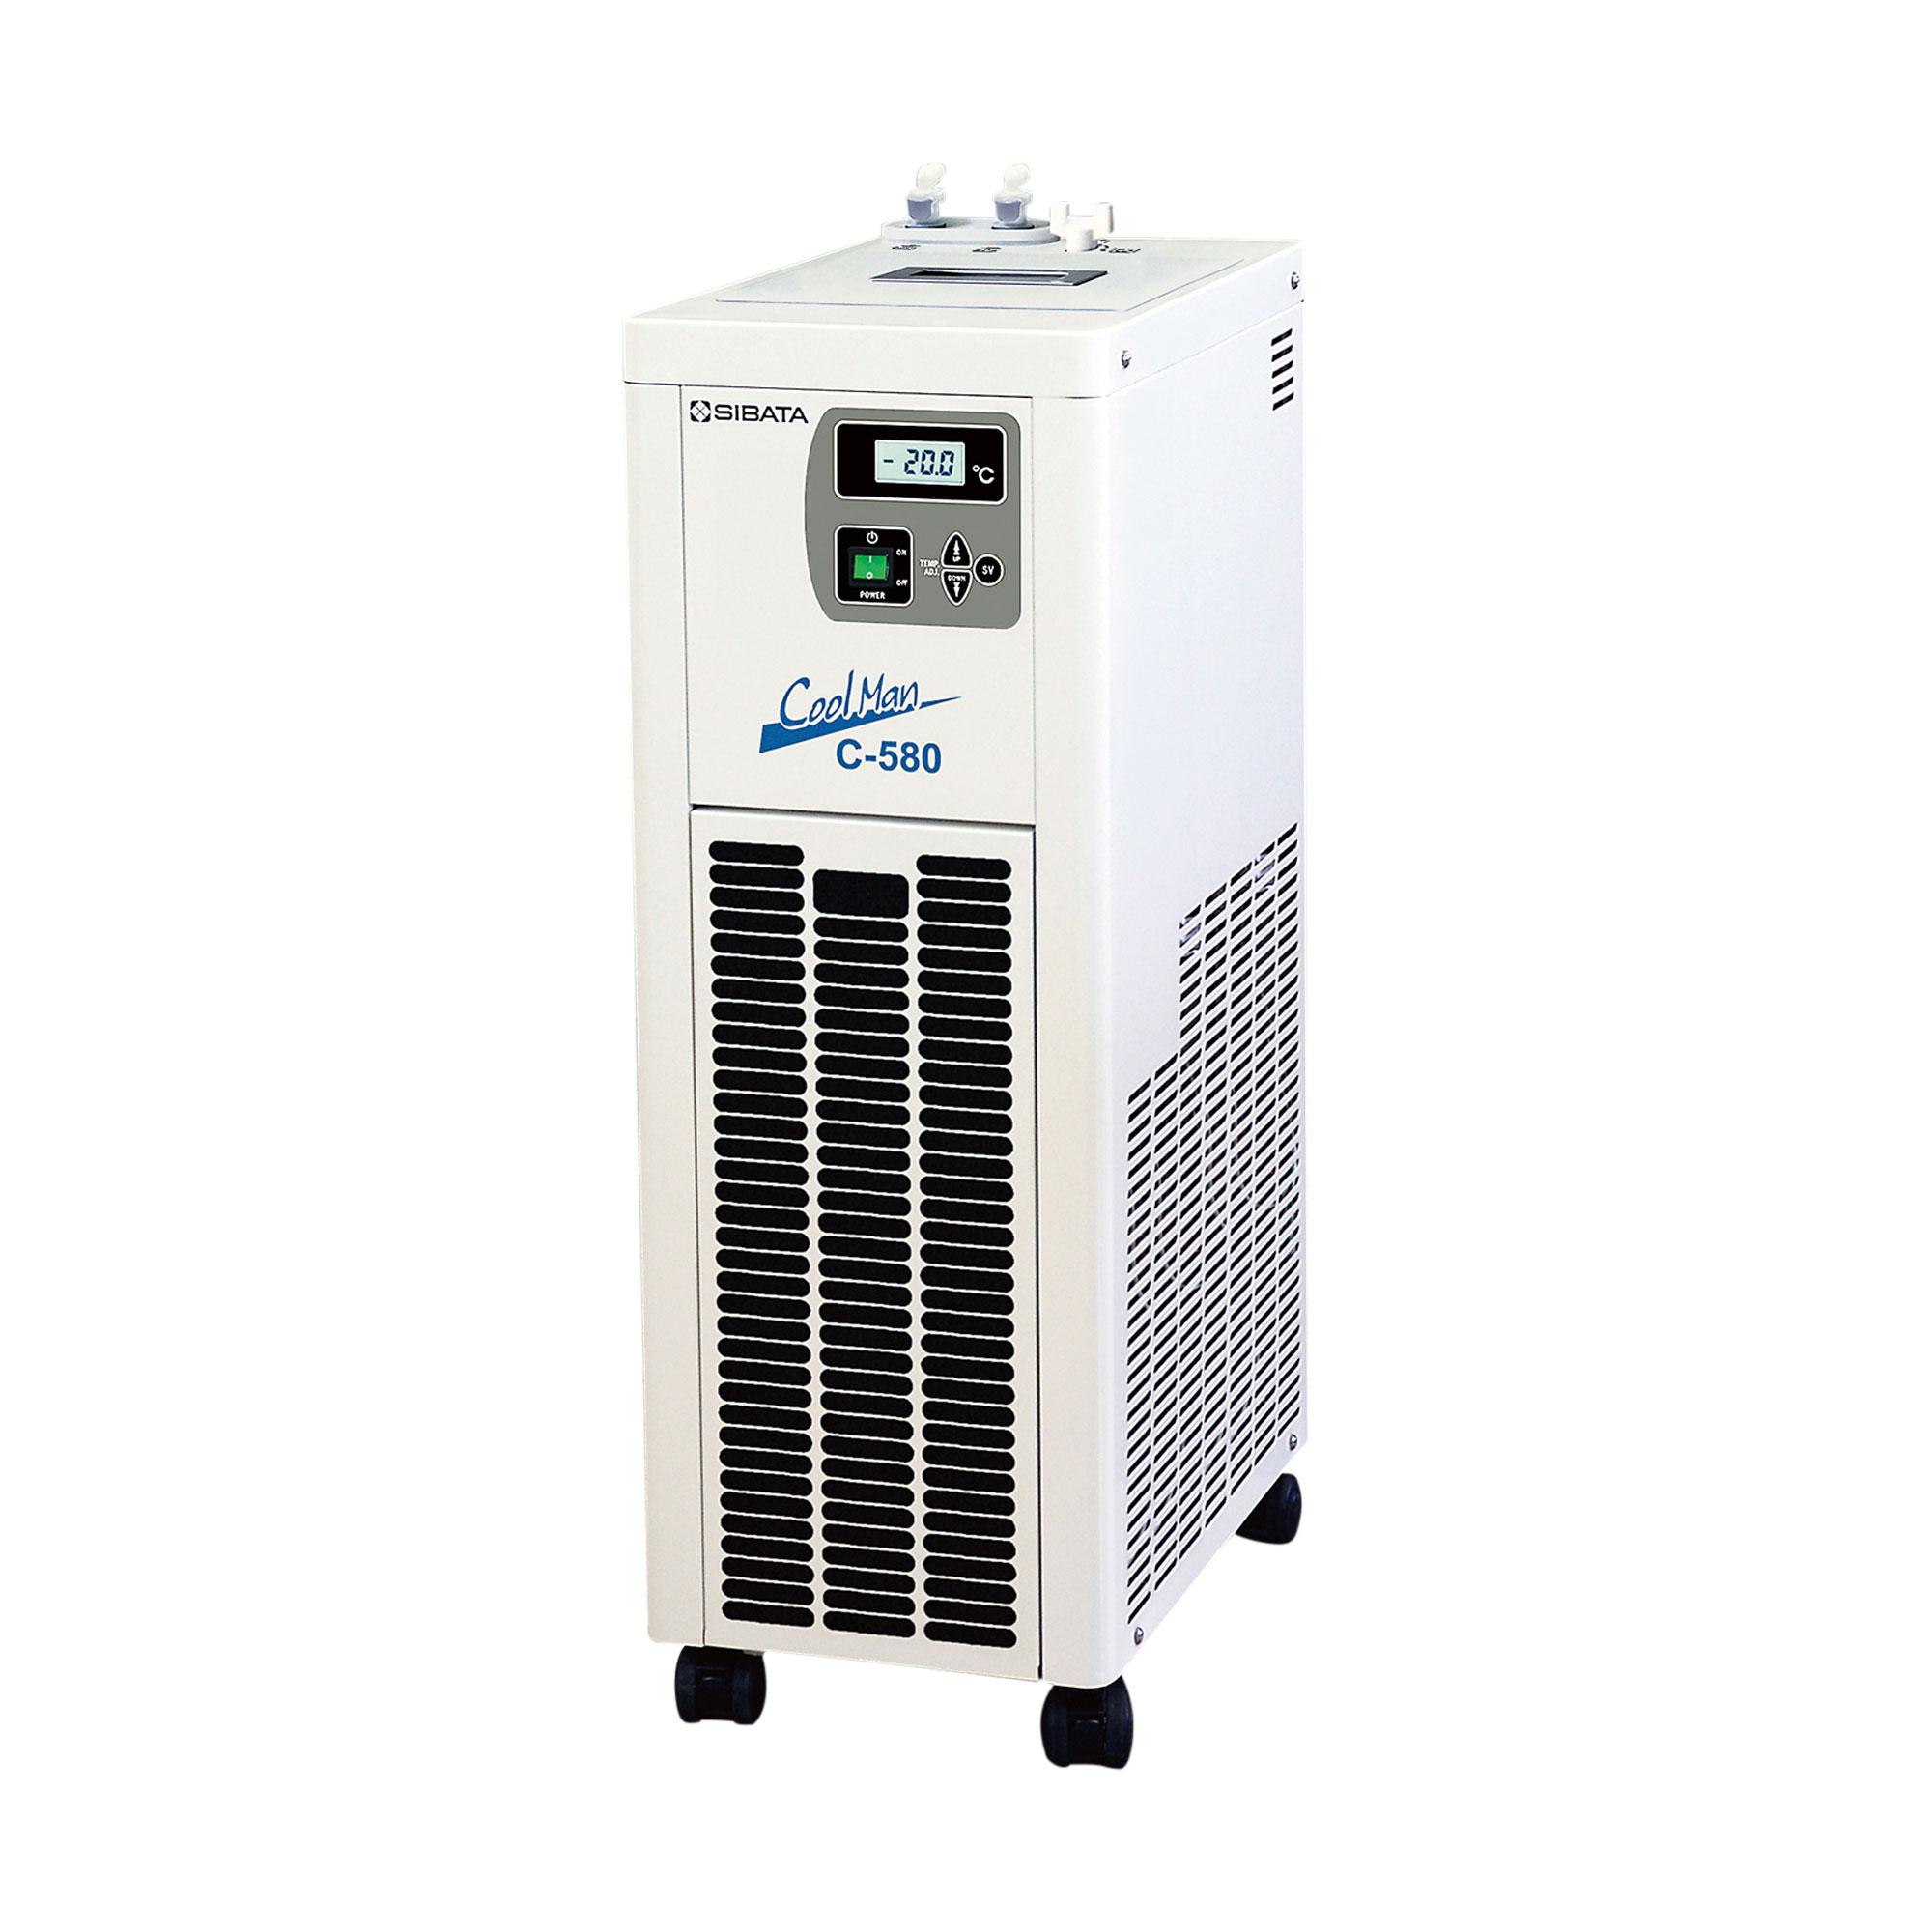 低温循環水槽 クールマン C-580/C-585型 柴田科学(SIBATA)【Airis1.co.jp】